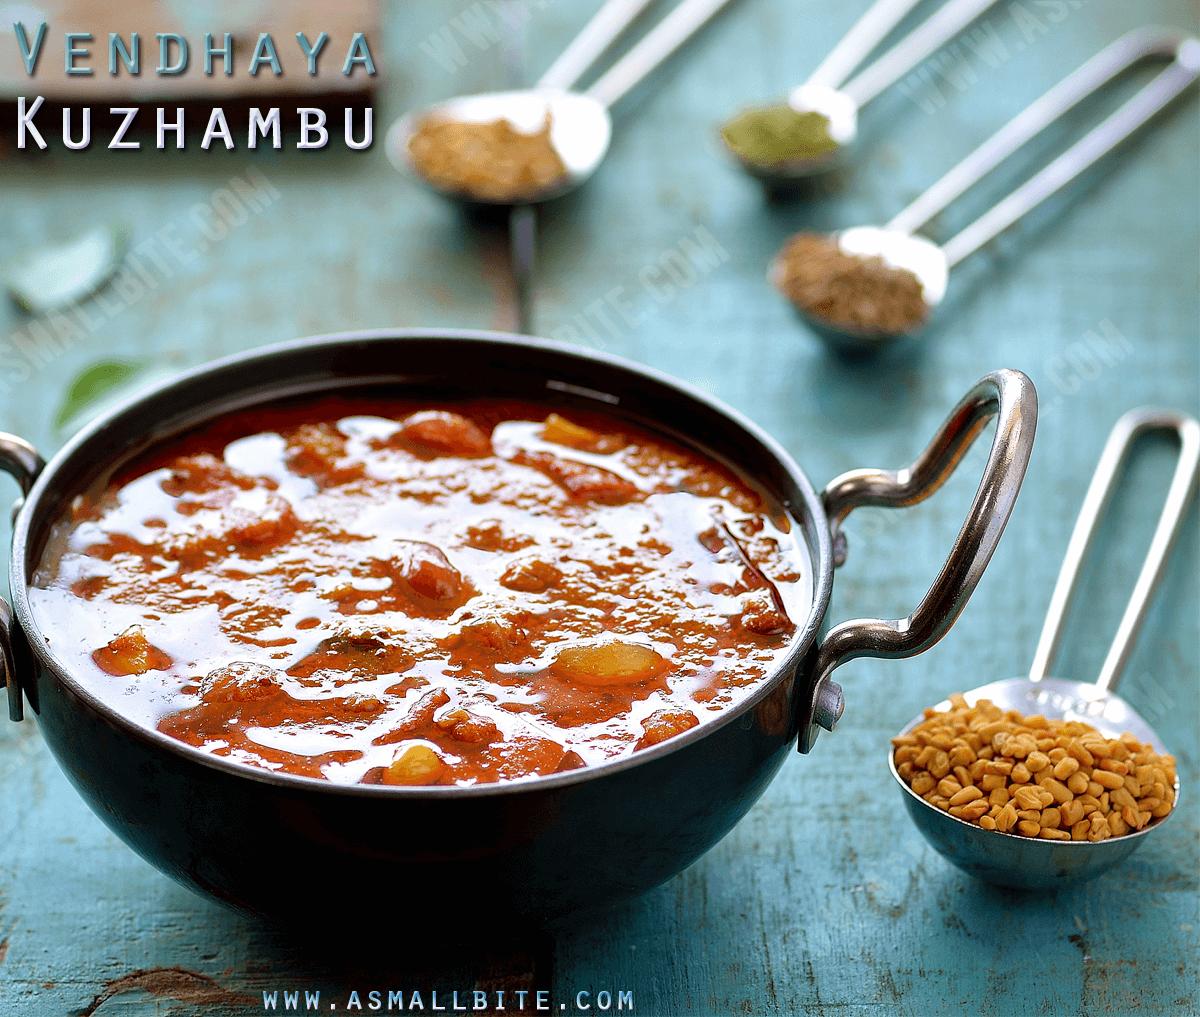 Vendhaya Kuzhambu Recipe